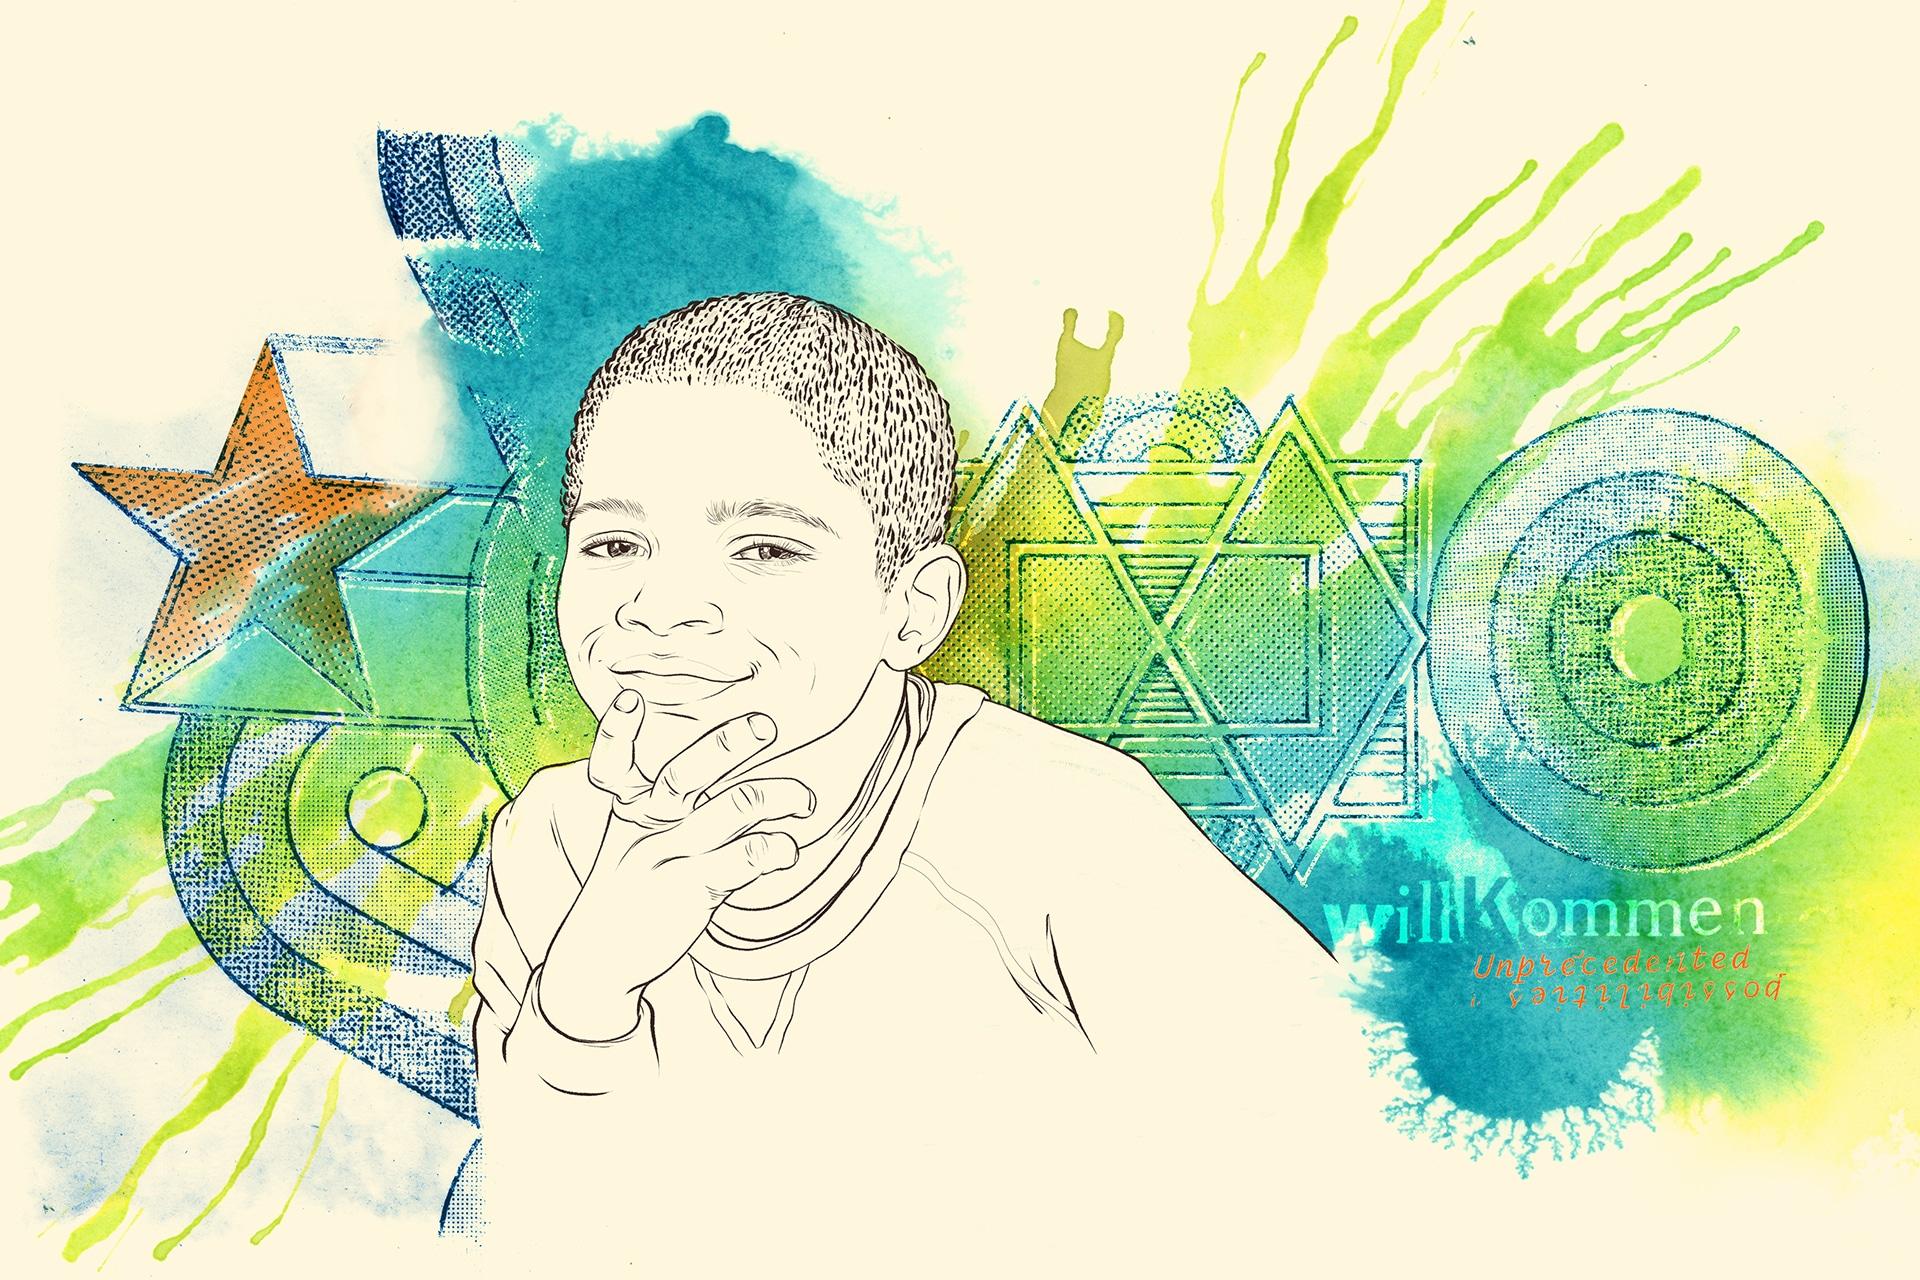 Illustration: Erzieherische Hilfen für Kinder und Jugendliche mit Migrationshintergrund